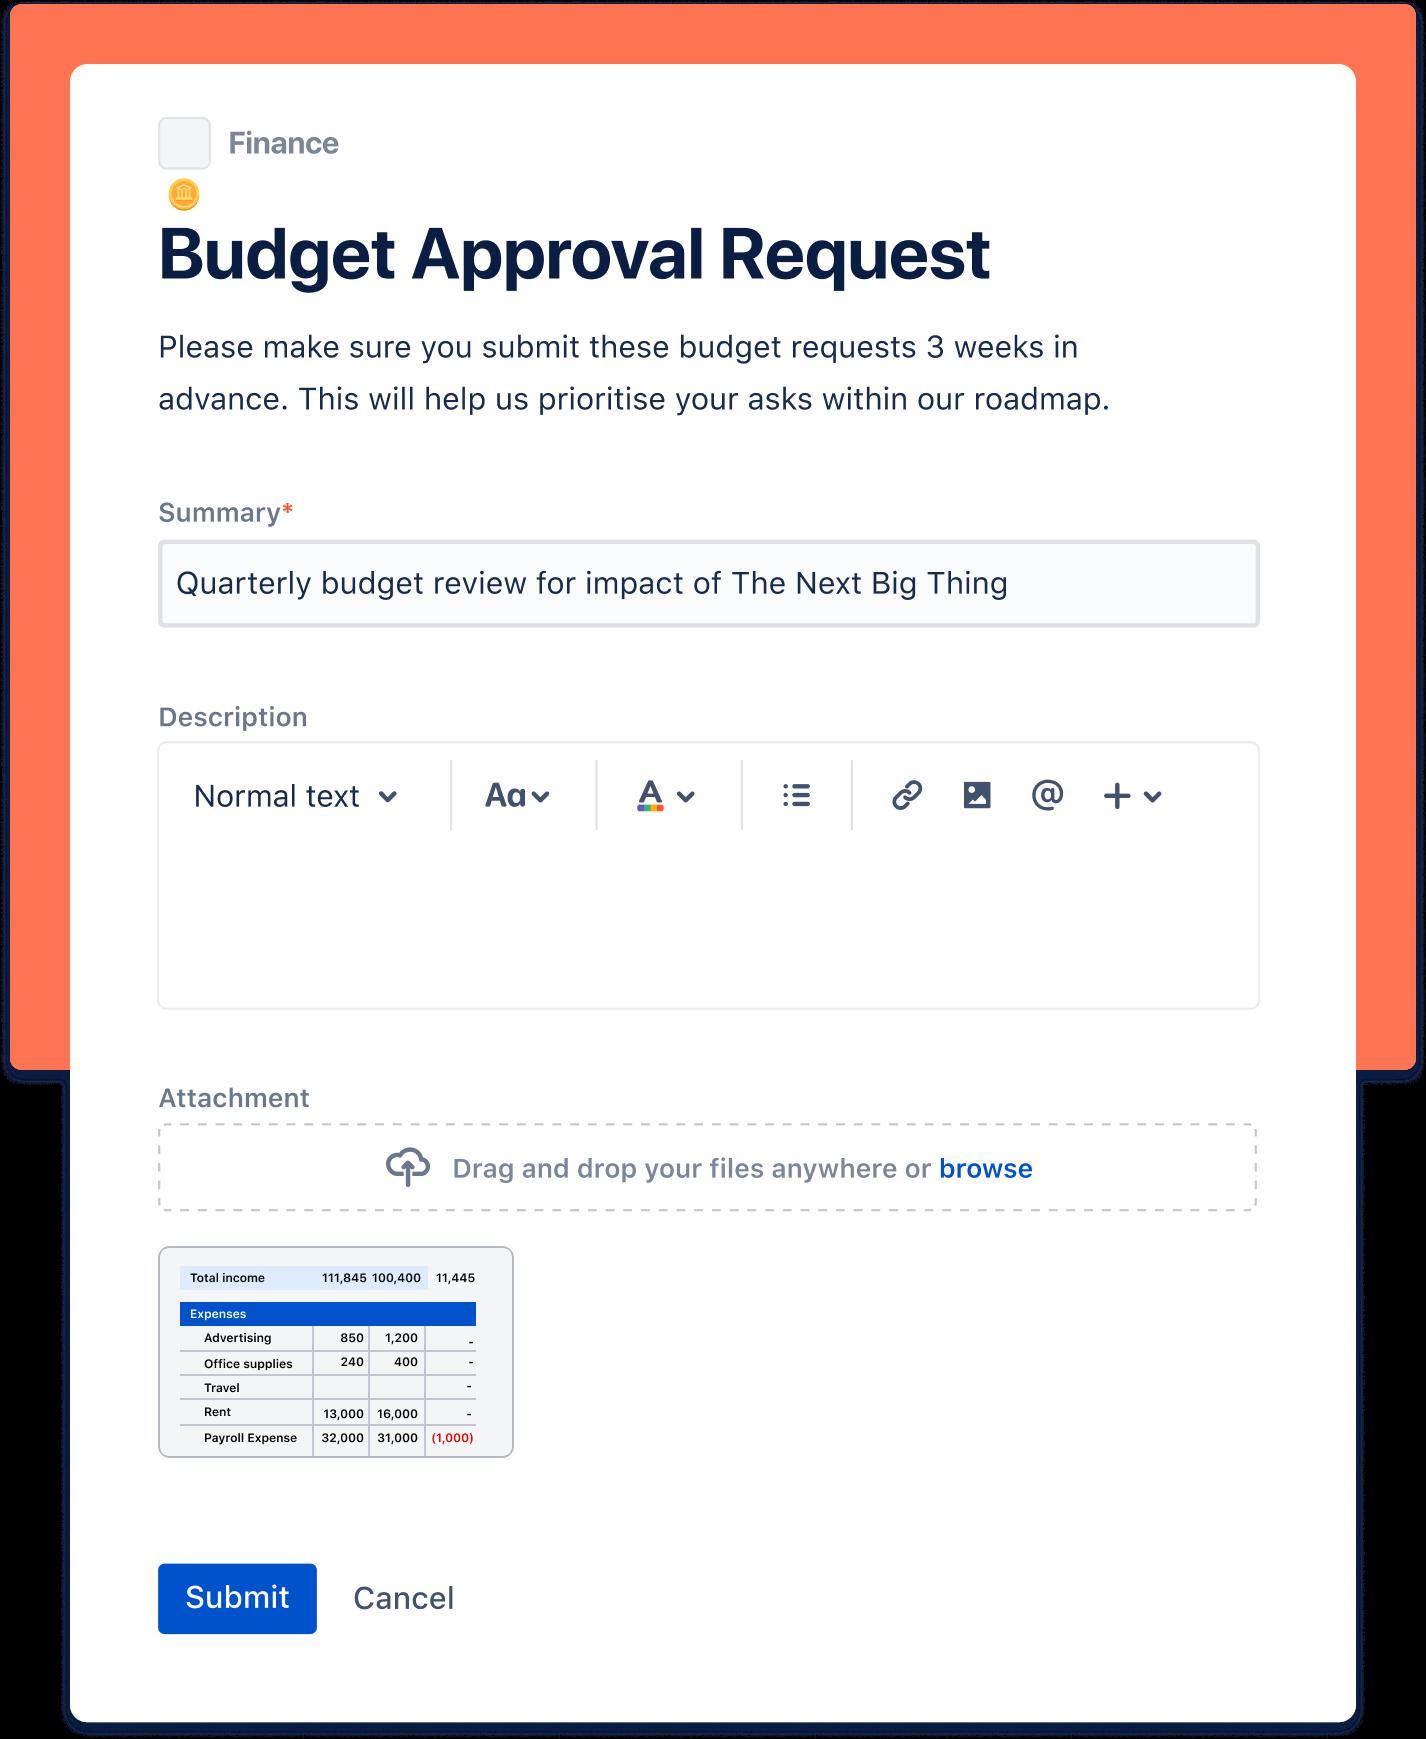 予算承認リクエストのスクリーンショット